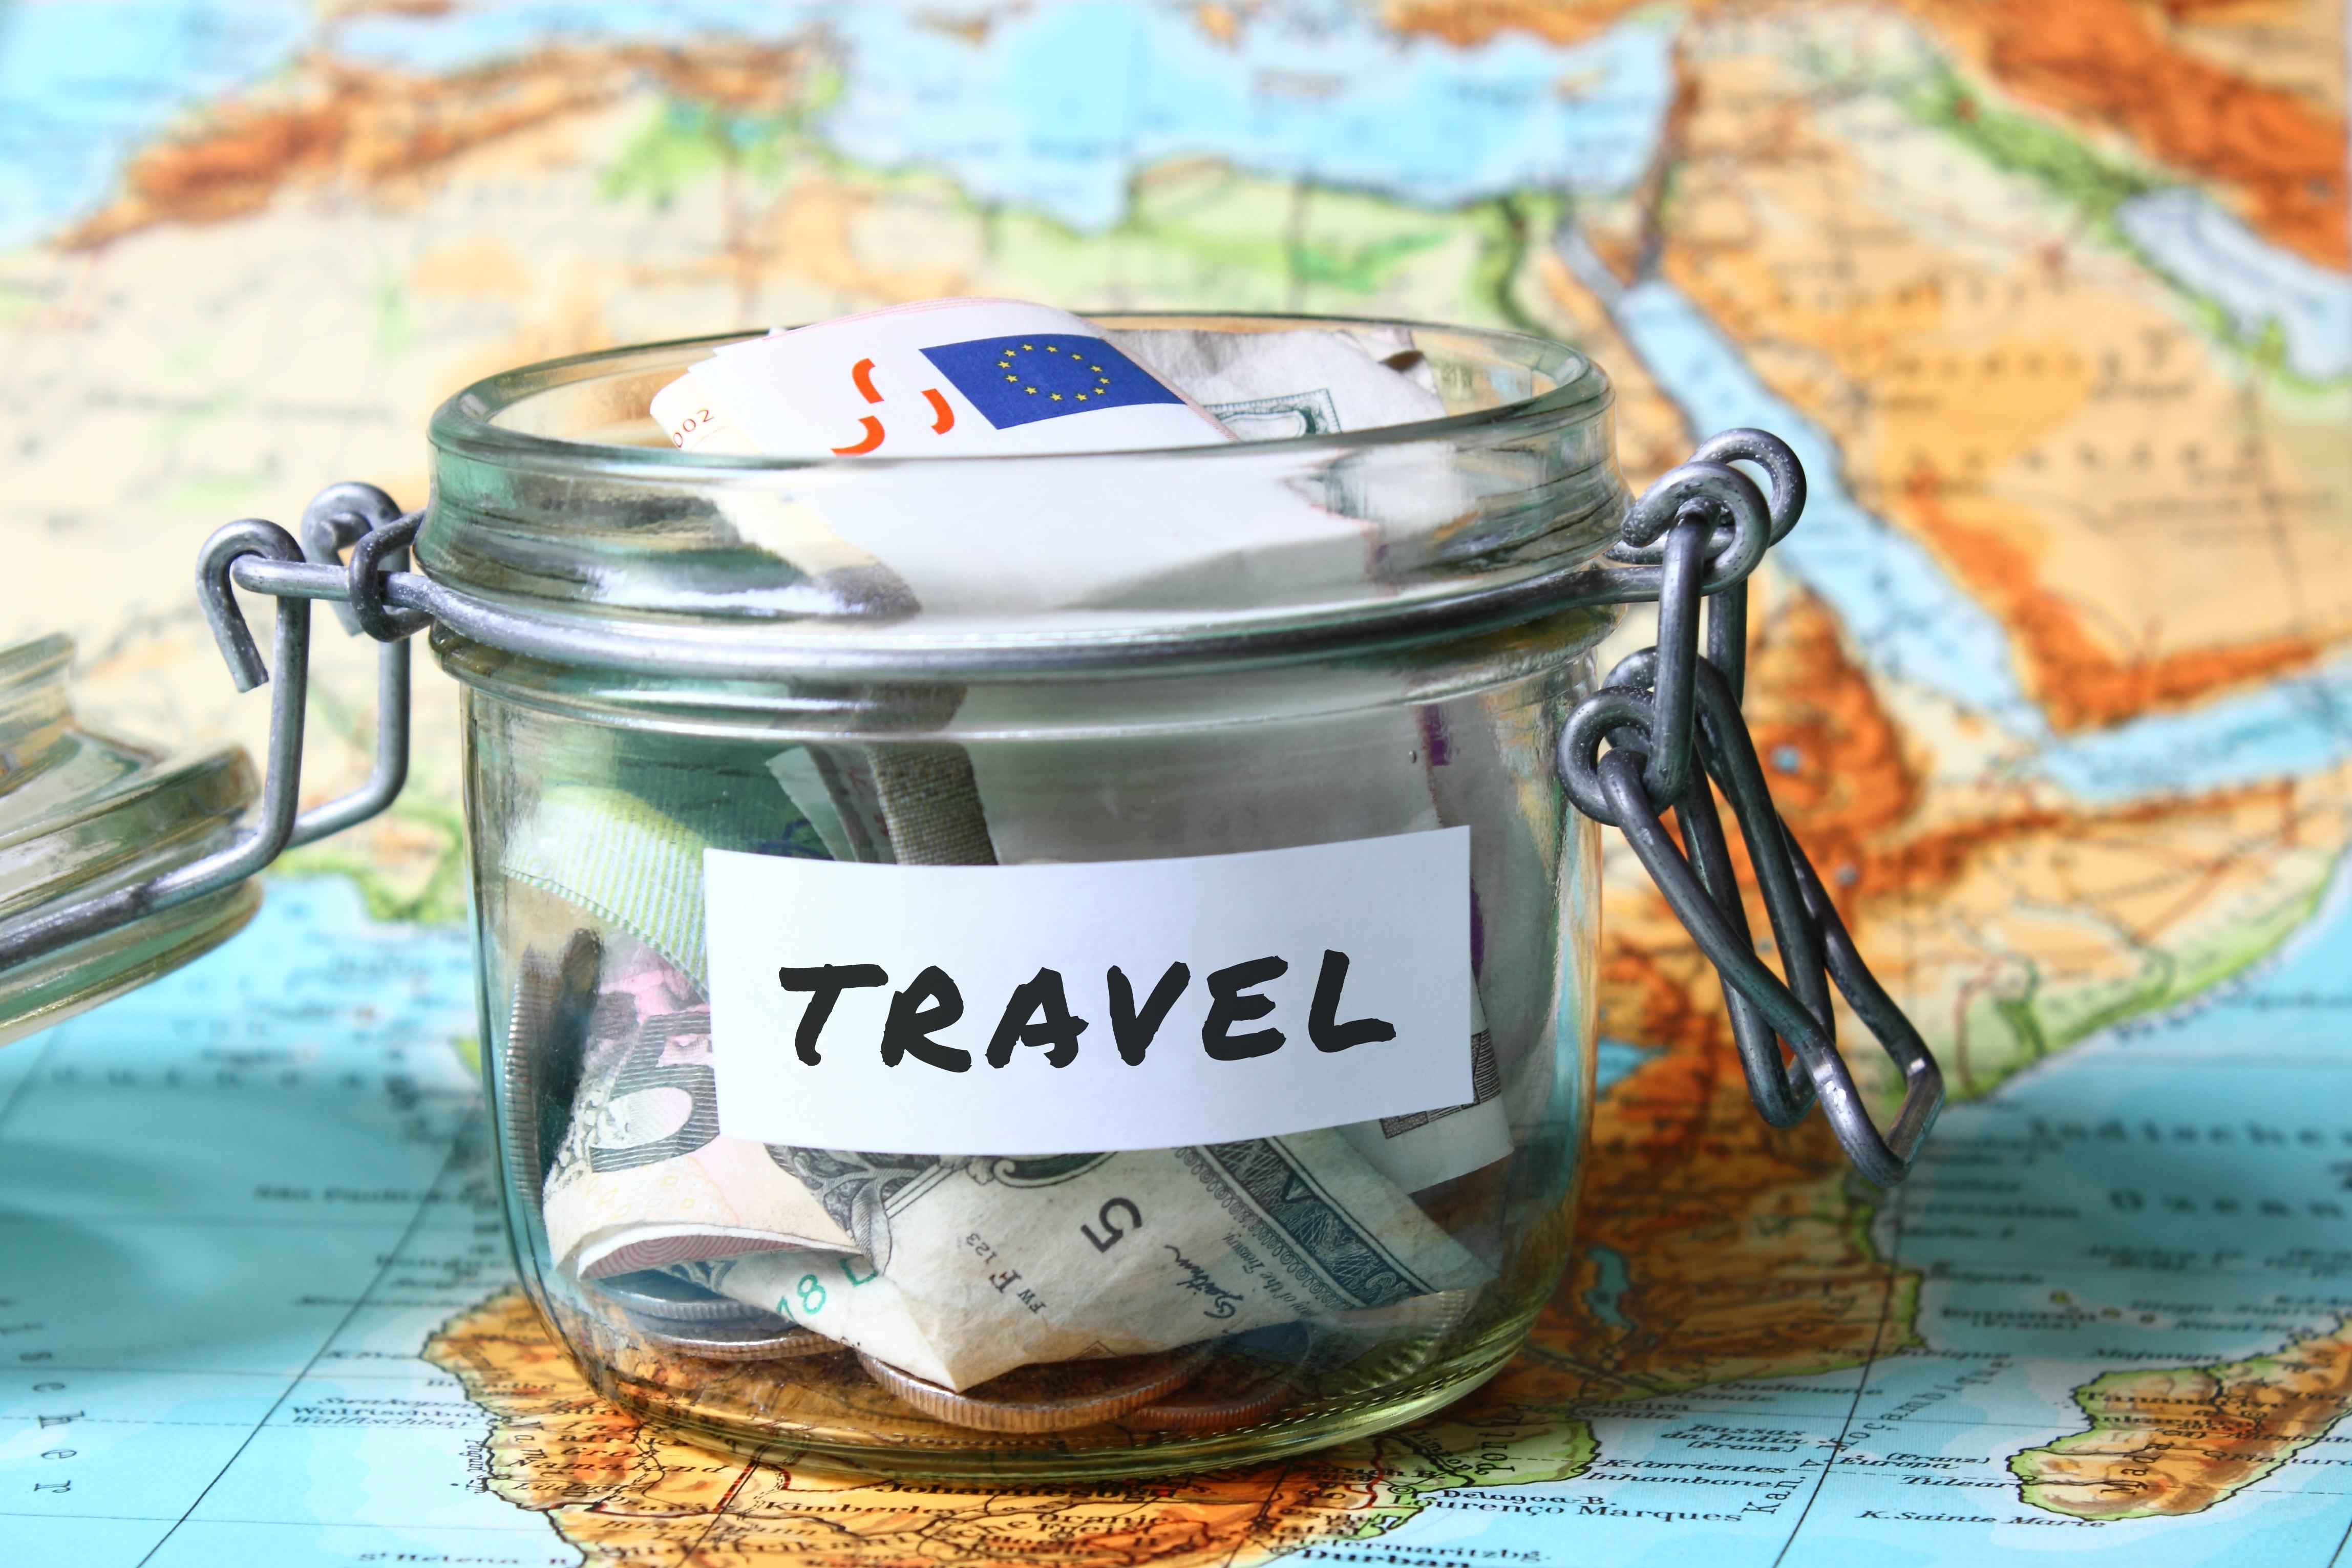 비싼 성수기 여행! 경비 줄이는 팁